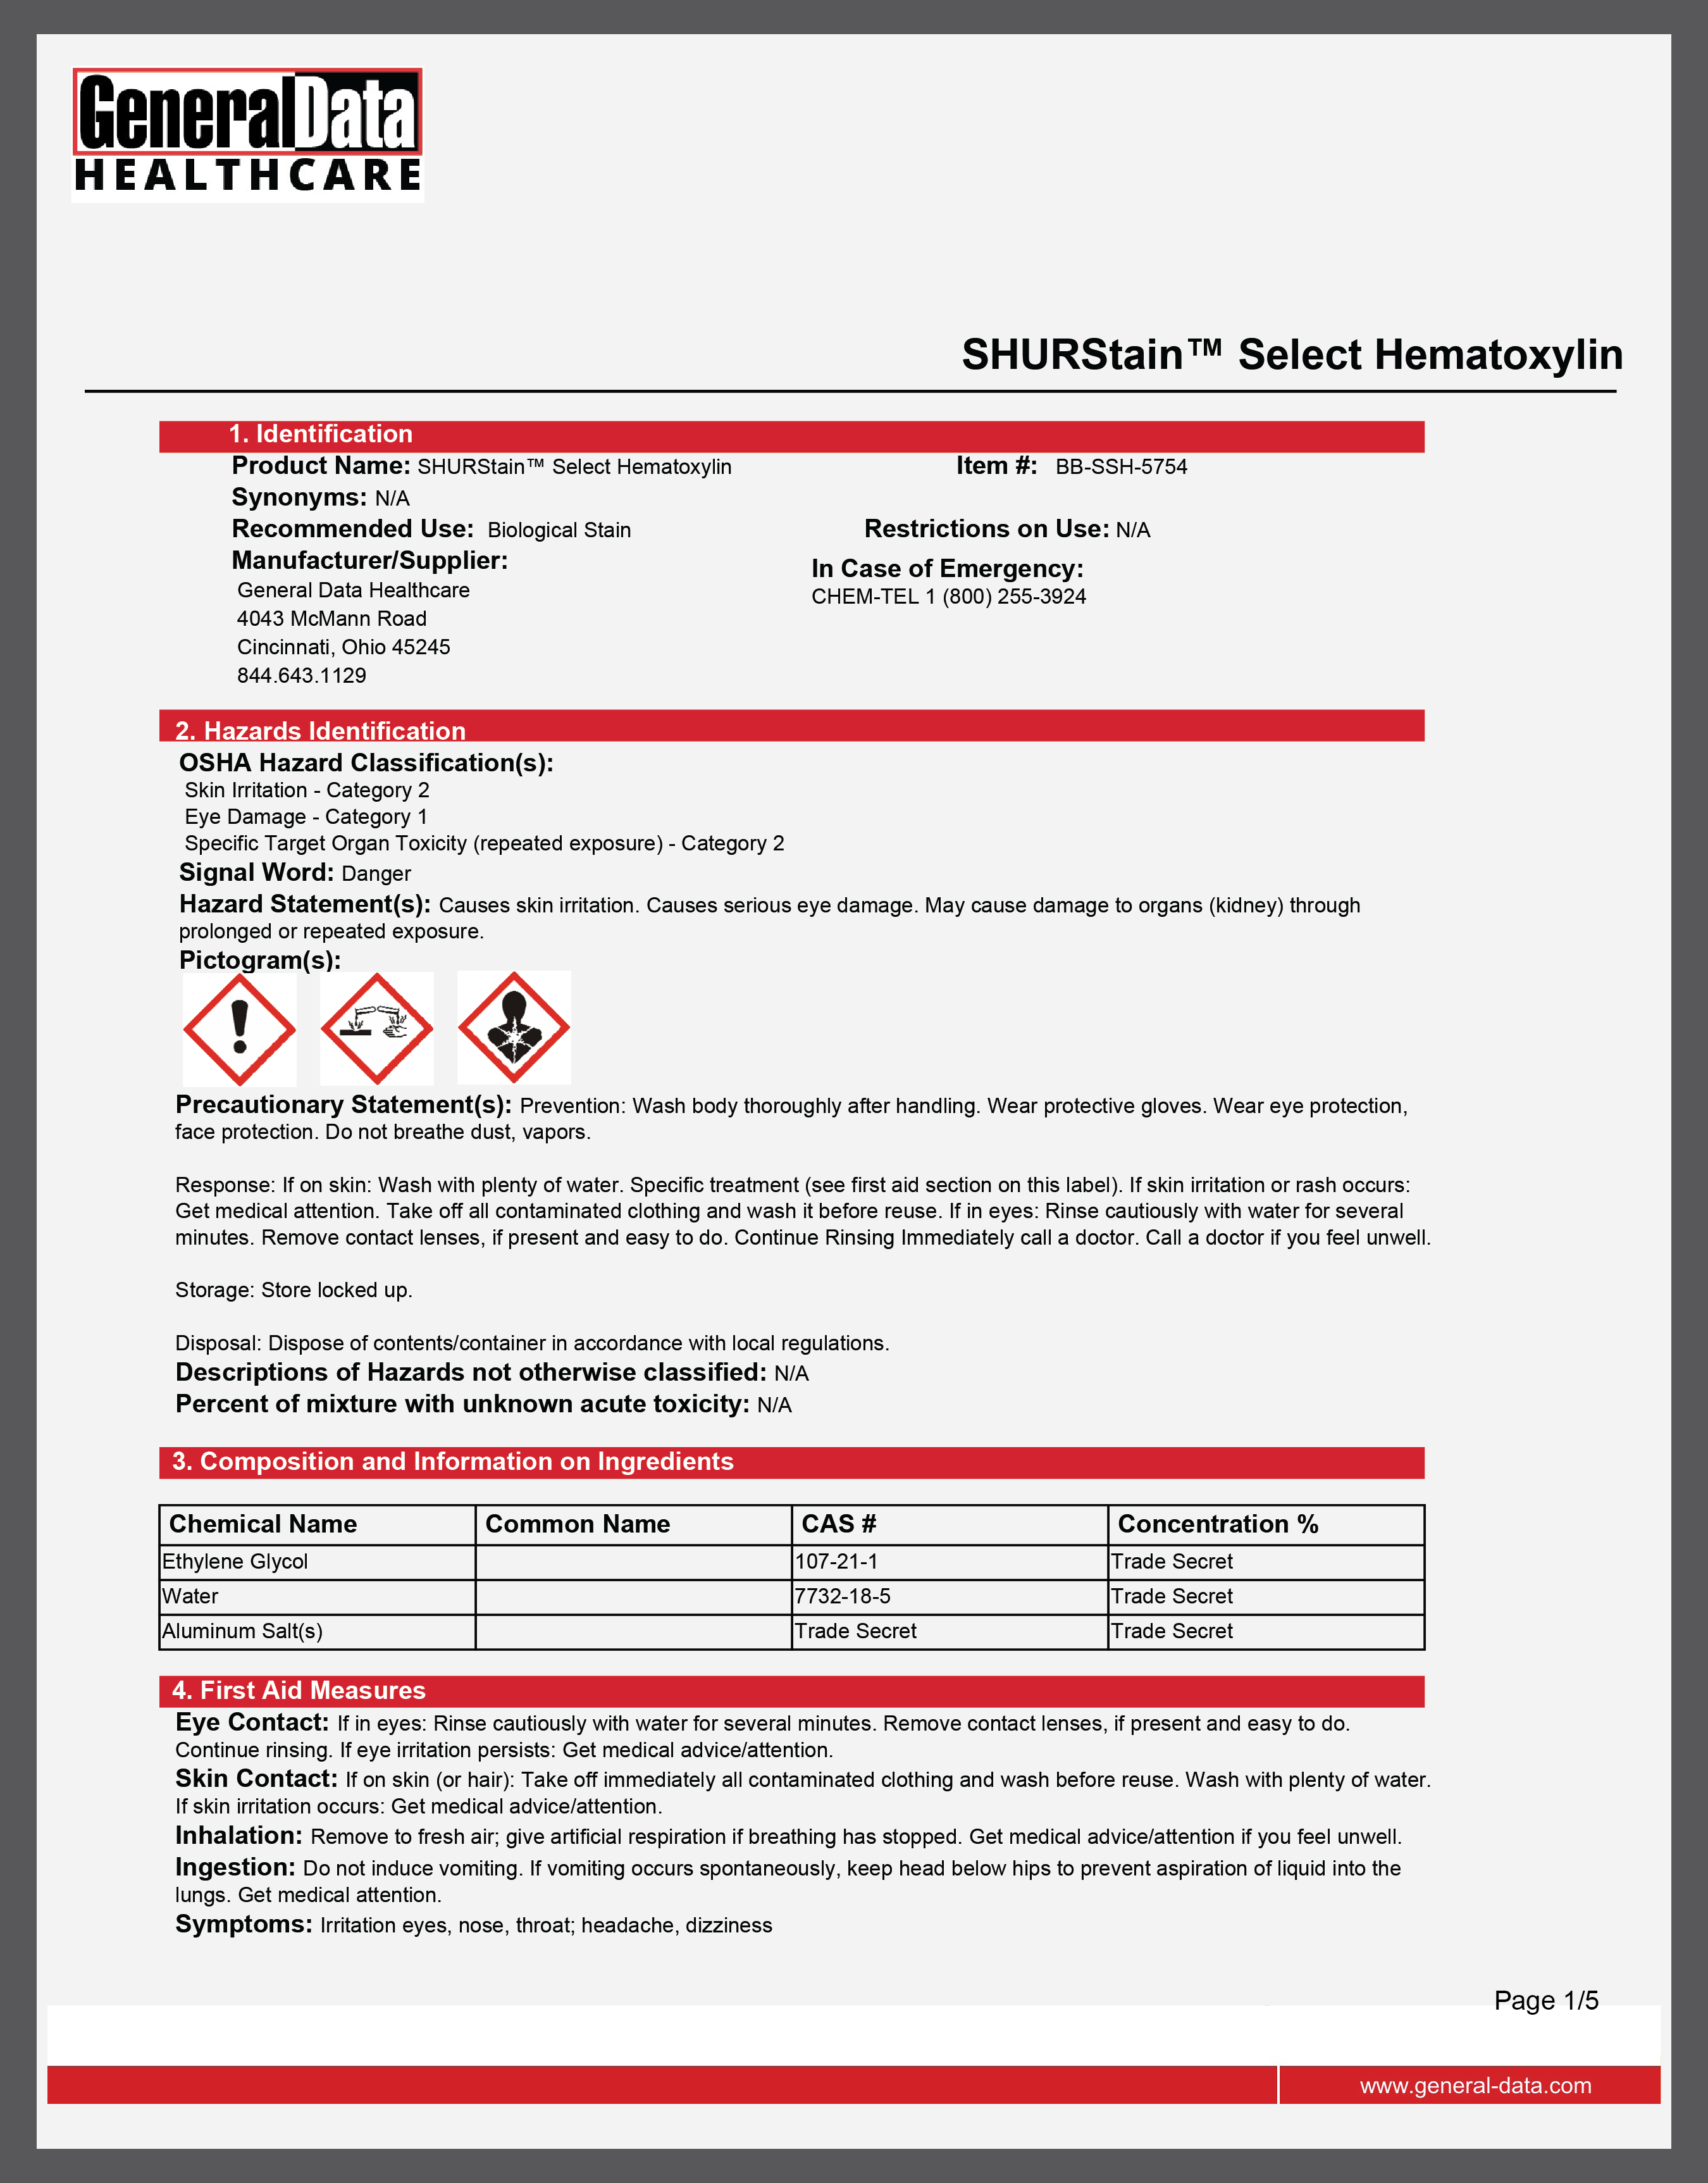 SHURStain Select Hematoxylin Safety Data Sheet